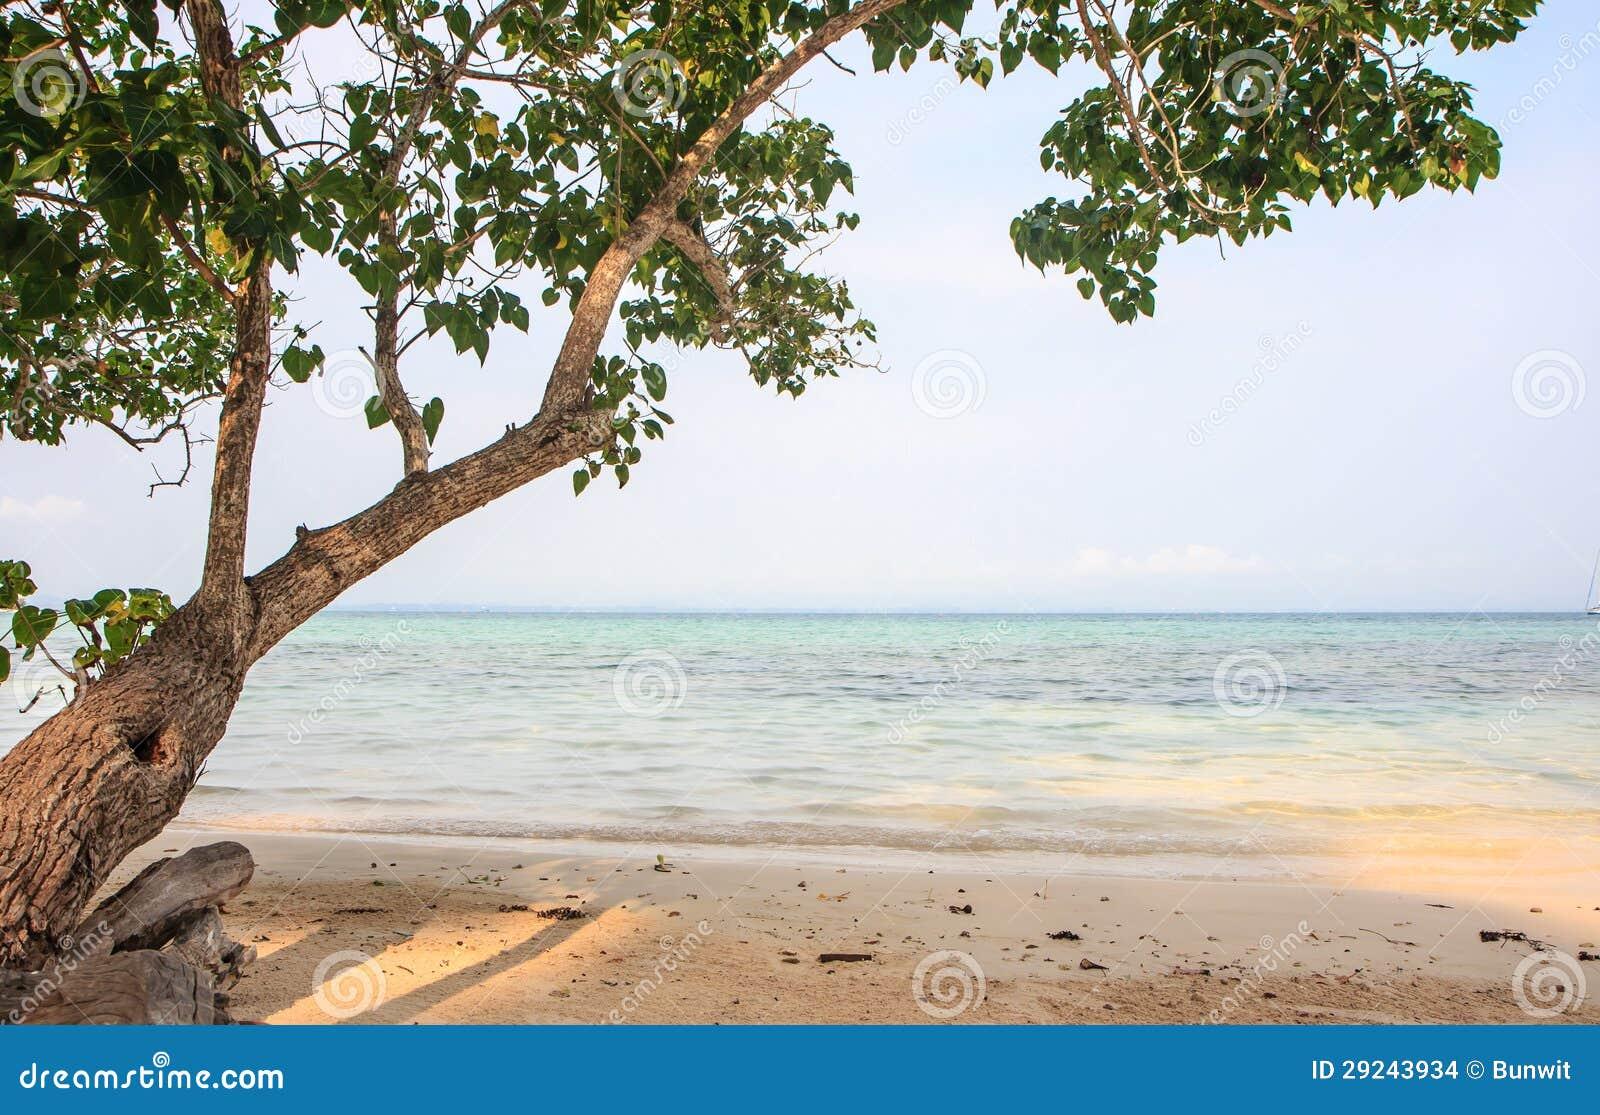 Download A praia foto de stock. Imagem de oceano, praia, verão - 29243934